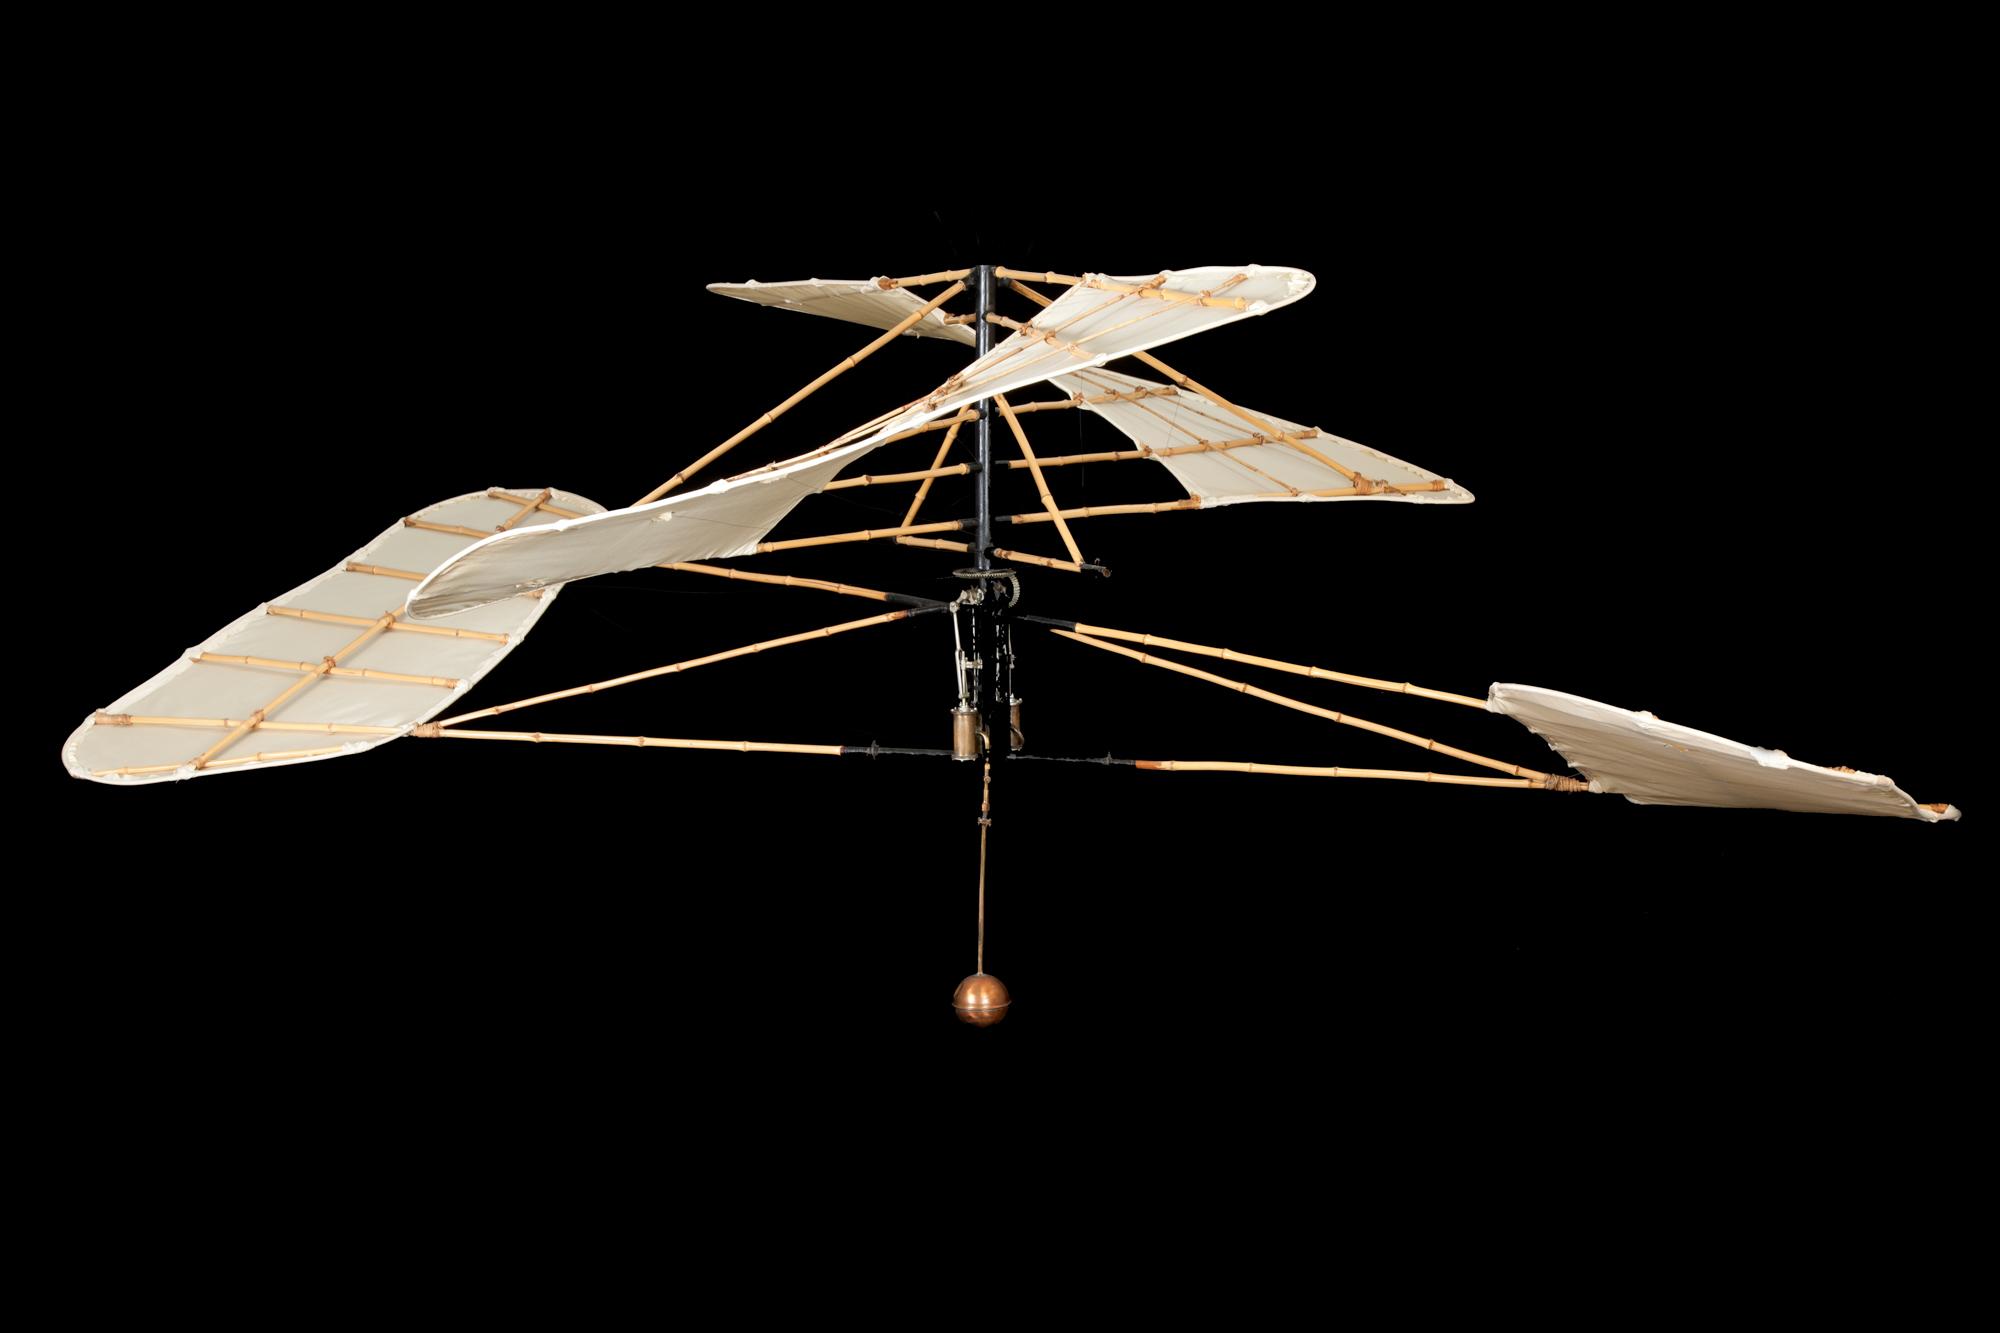 Elicottero Milano : File:elicottero sperimentale enrico forlanini museo scienza e